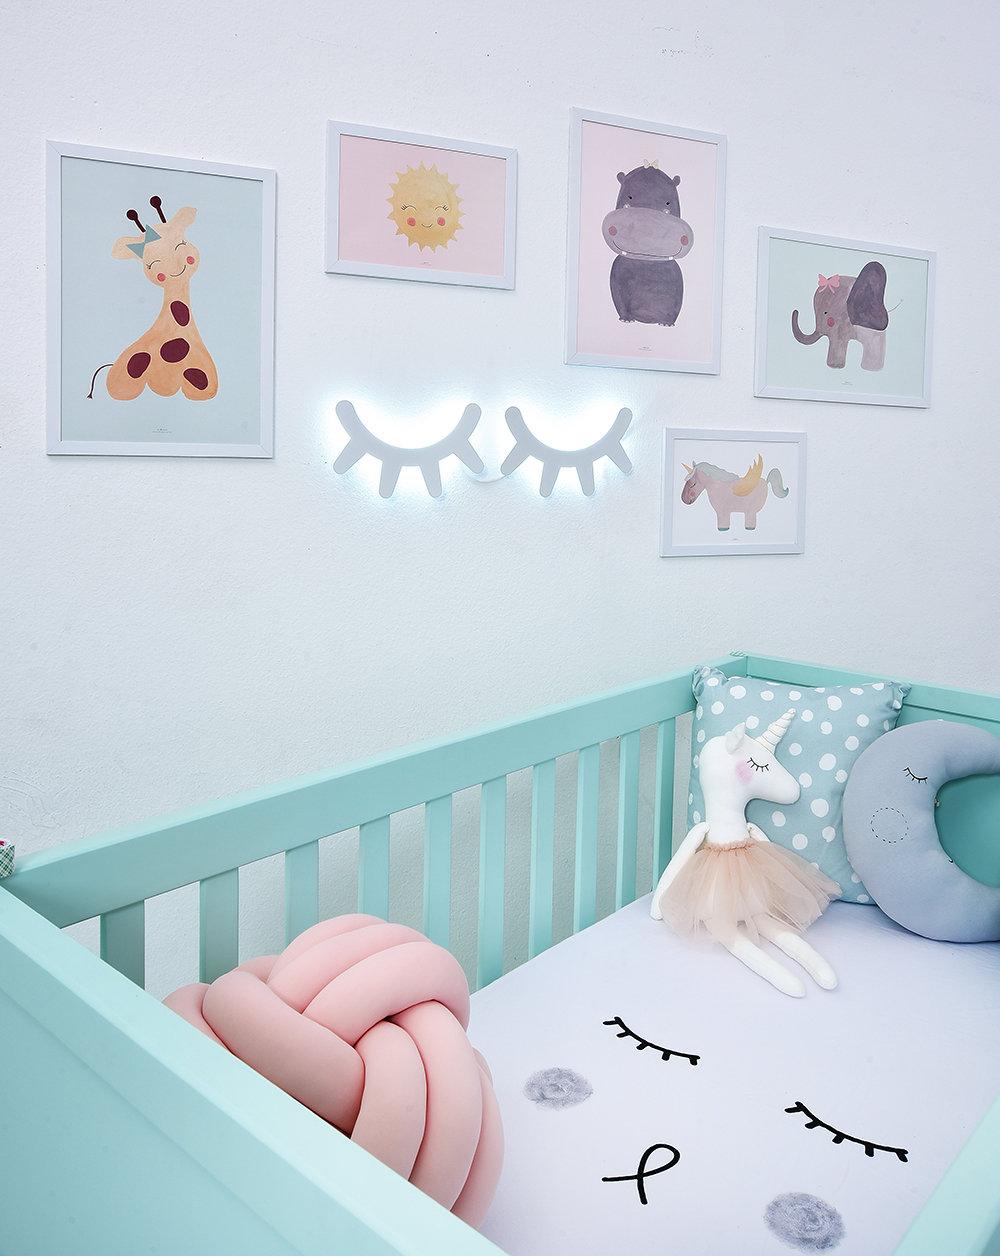 Cores Para Quarto De Beb 48 Ideias Fotos E Inspira Es ~ Decoração De Quarto De Menina Bebê